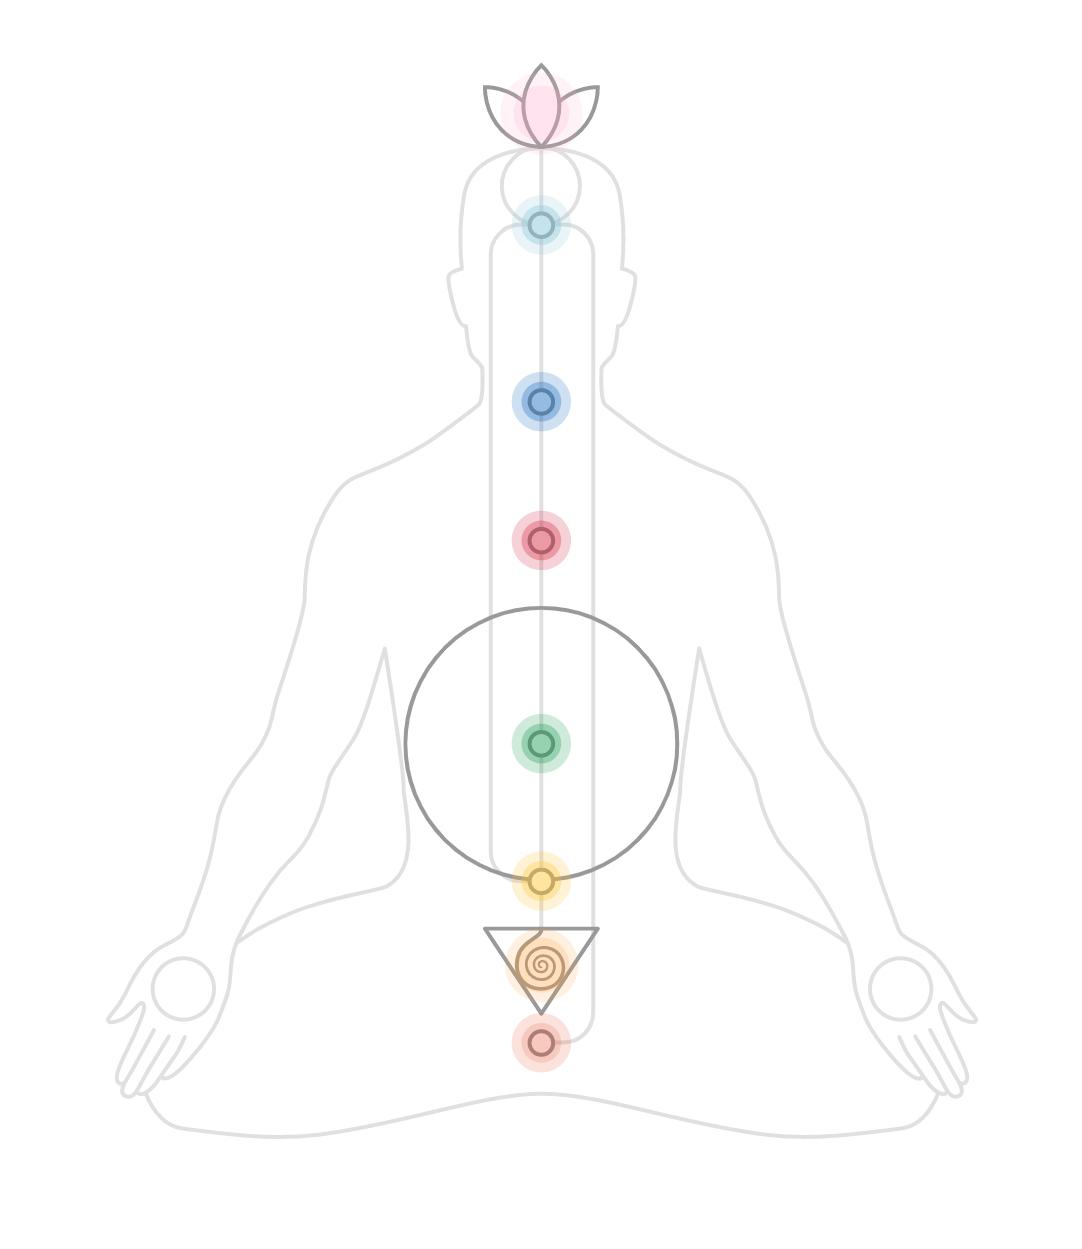 Schema dei centri energetici sul sistema nervoso centrale